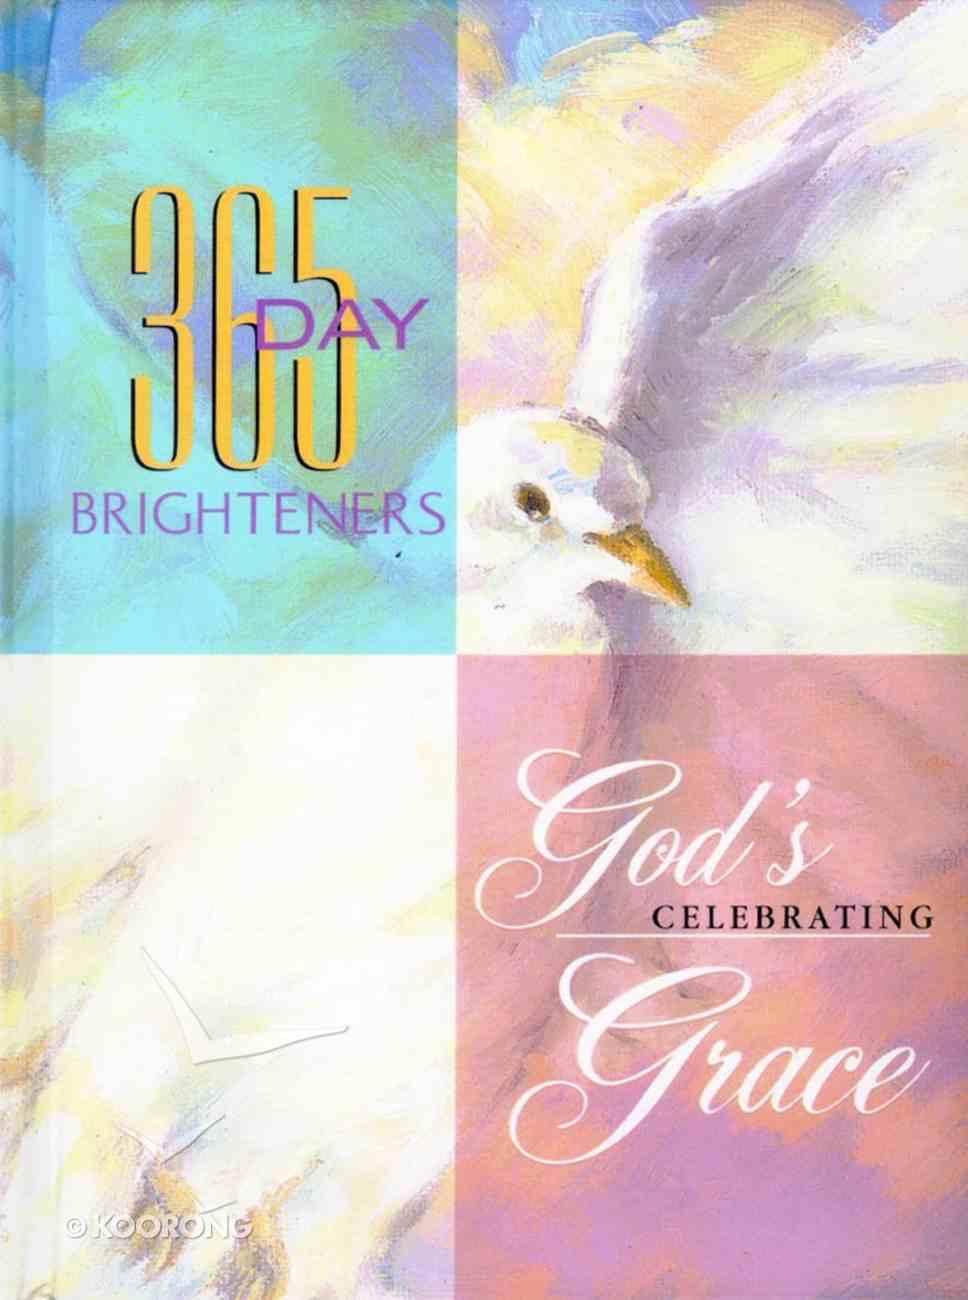 Celebrating God's Grace (365 Day Brighteners Series) Hardback